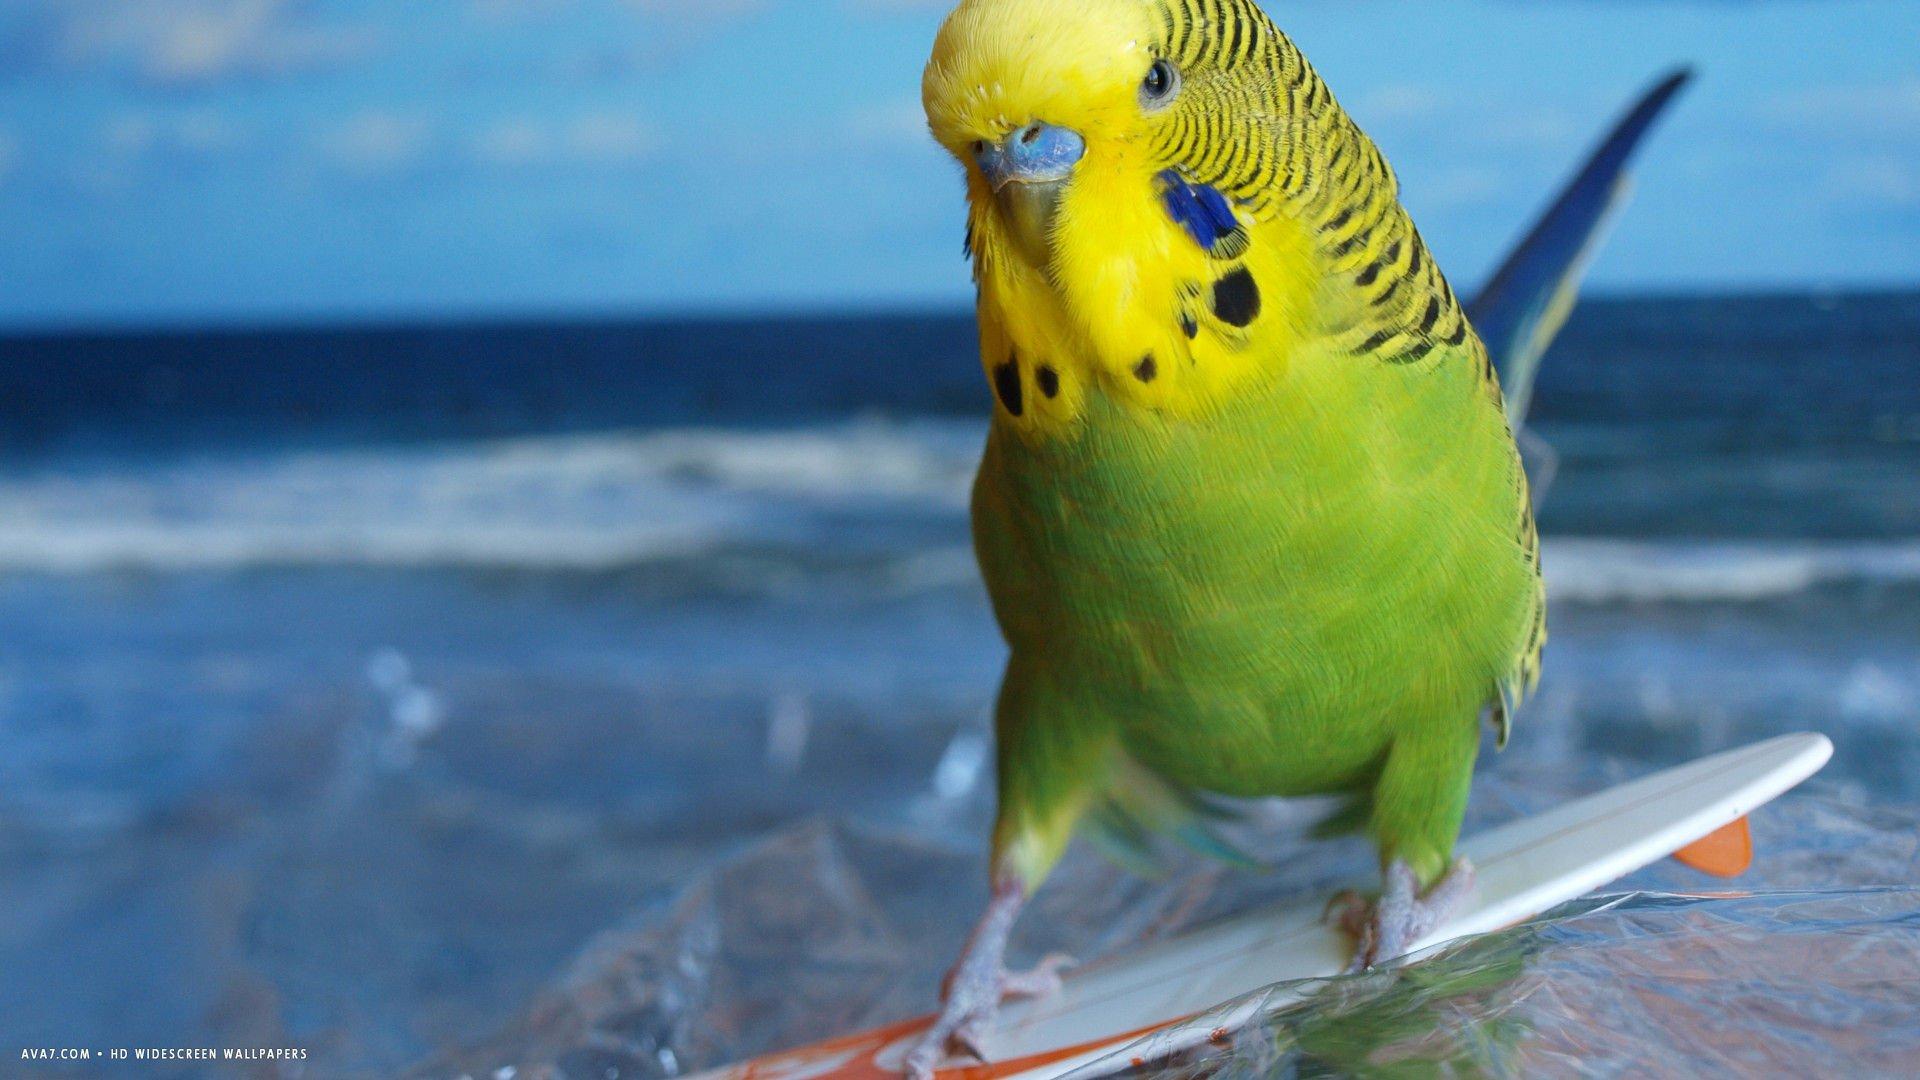 призму существа волнистый попугайчик прикол картинка объявления продаже или